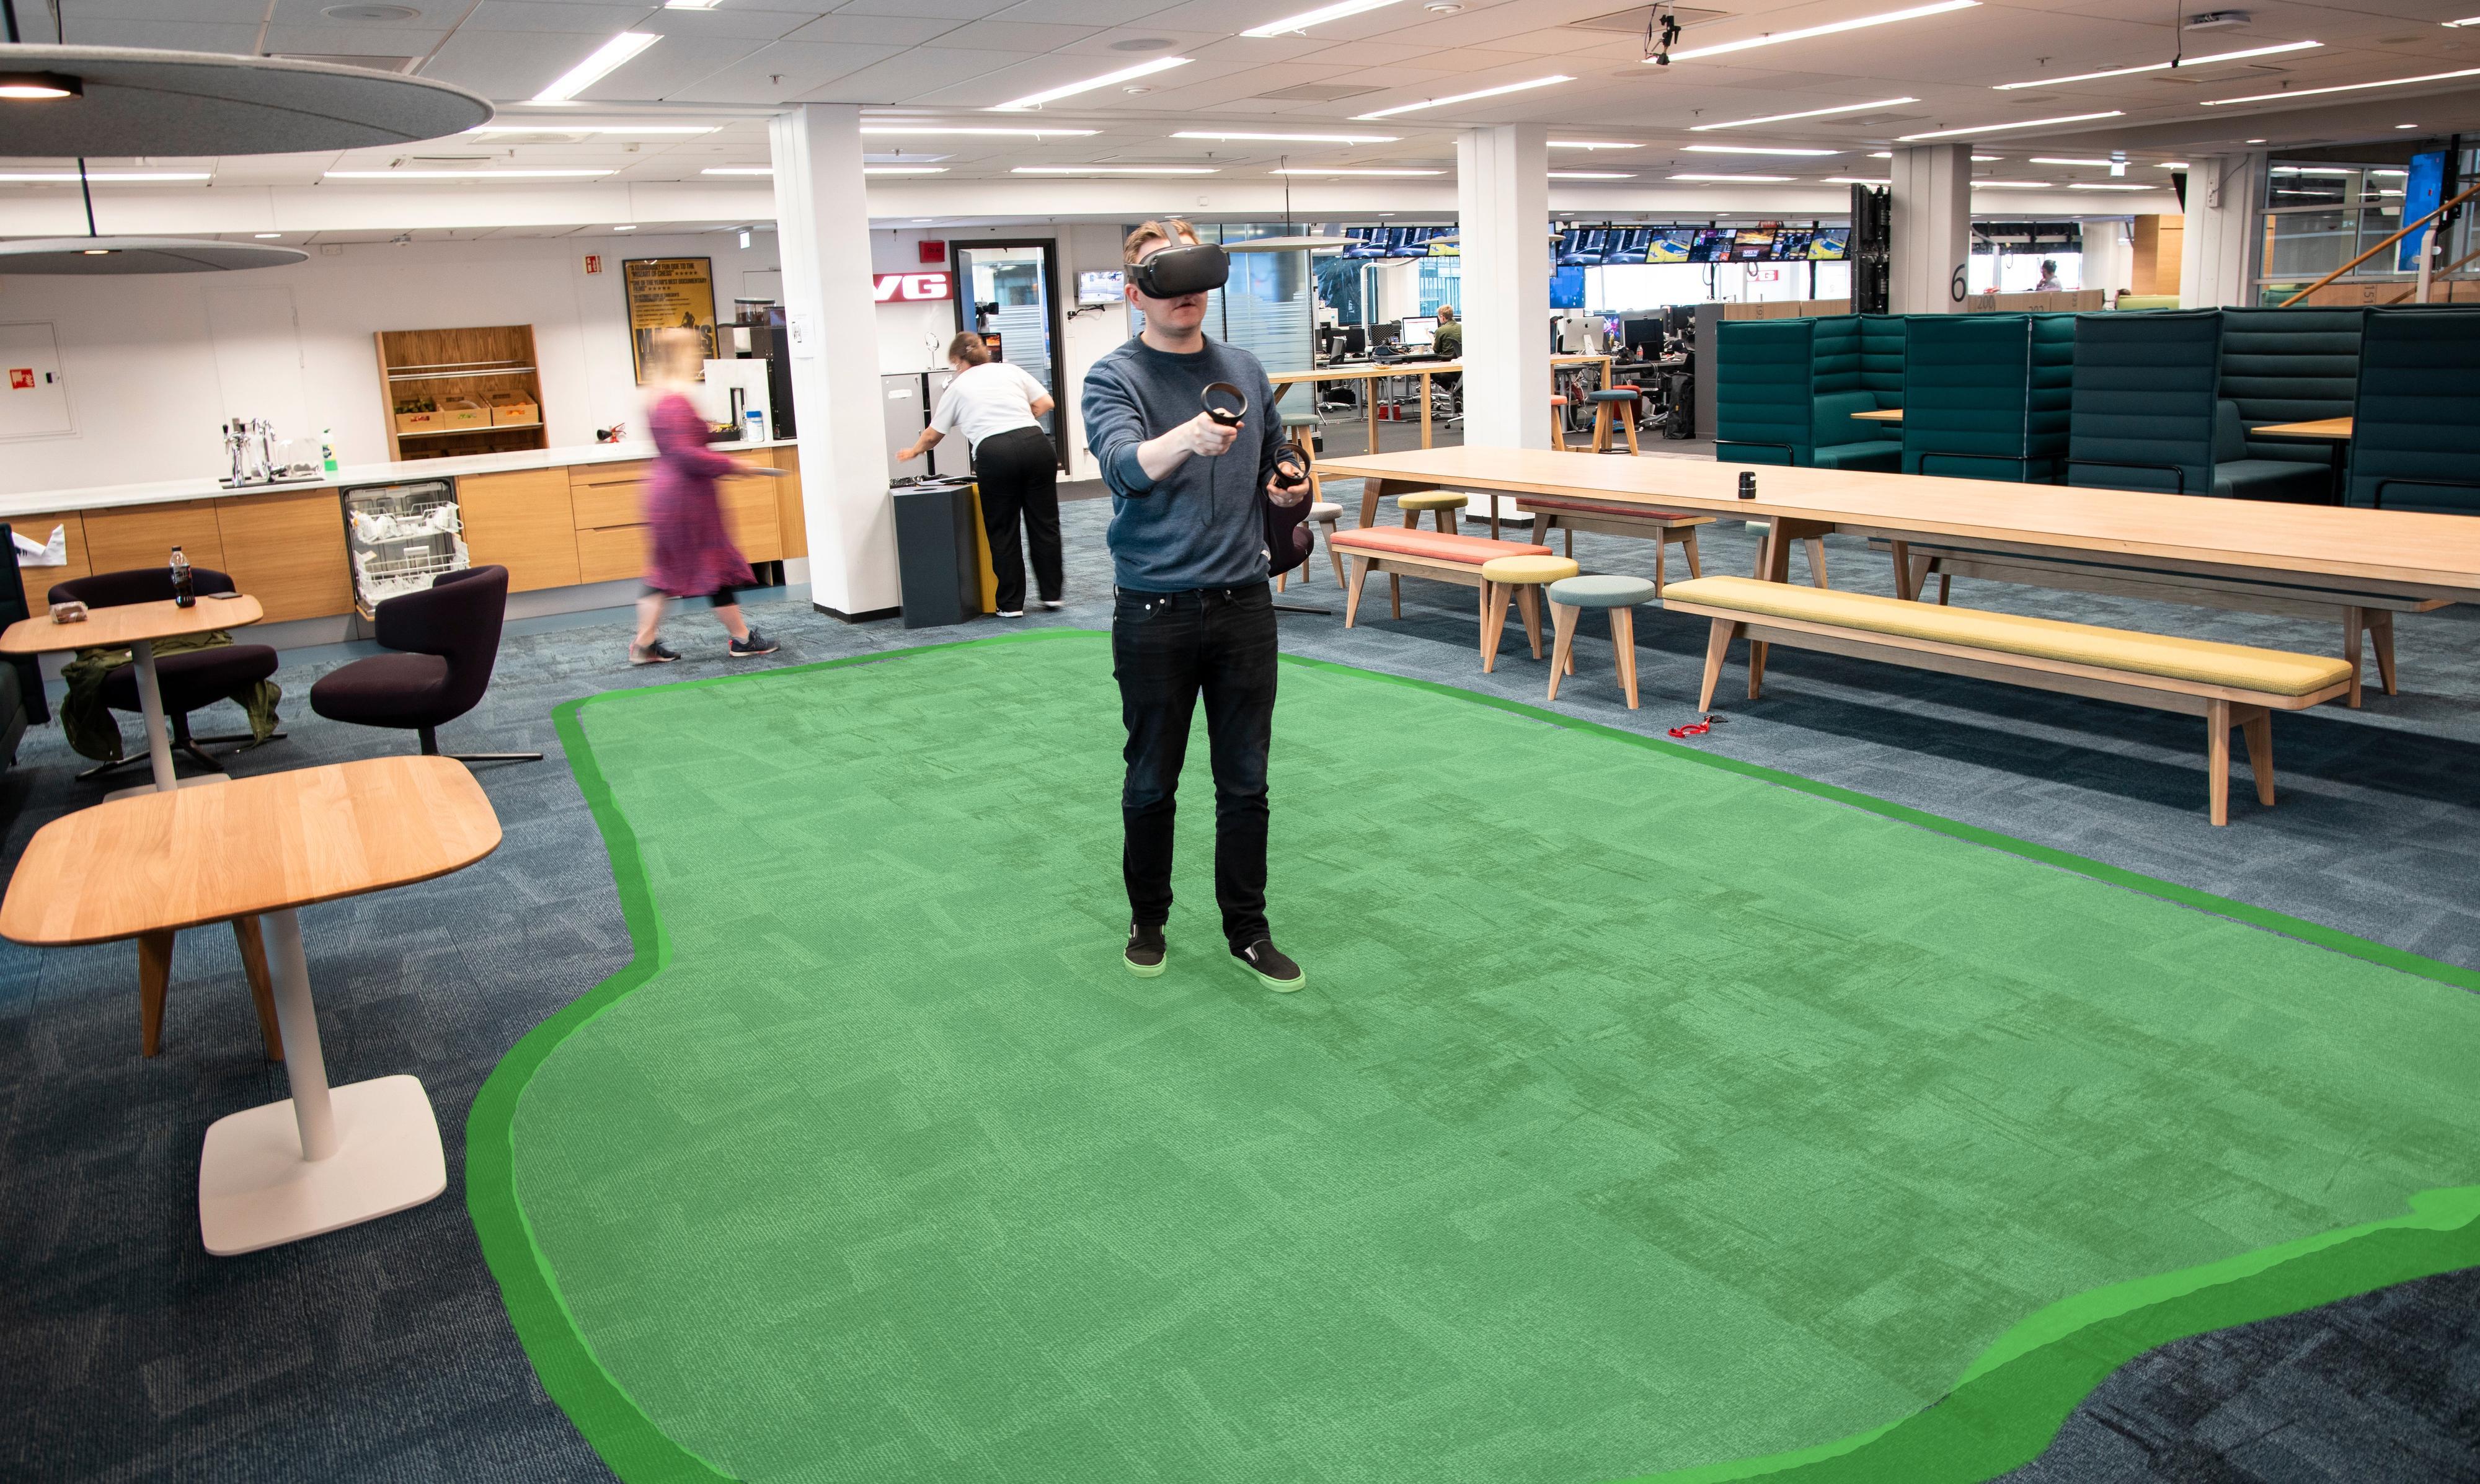 Vi resirkulerer like godt dette illustrative bildet fra testen av den første Oculus Rift. Du bruker håndkontrollerne til å merke av et område på gulvet rundt deg, og så er det området du kan bevege deg rundt i i spillet. Så fort du kommer i nærheten av kantene vil et slags virtuelt gitter dukke opp foran deg og si fra om at du bør trekke deg unna.